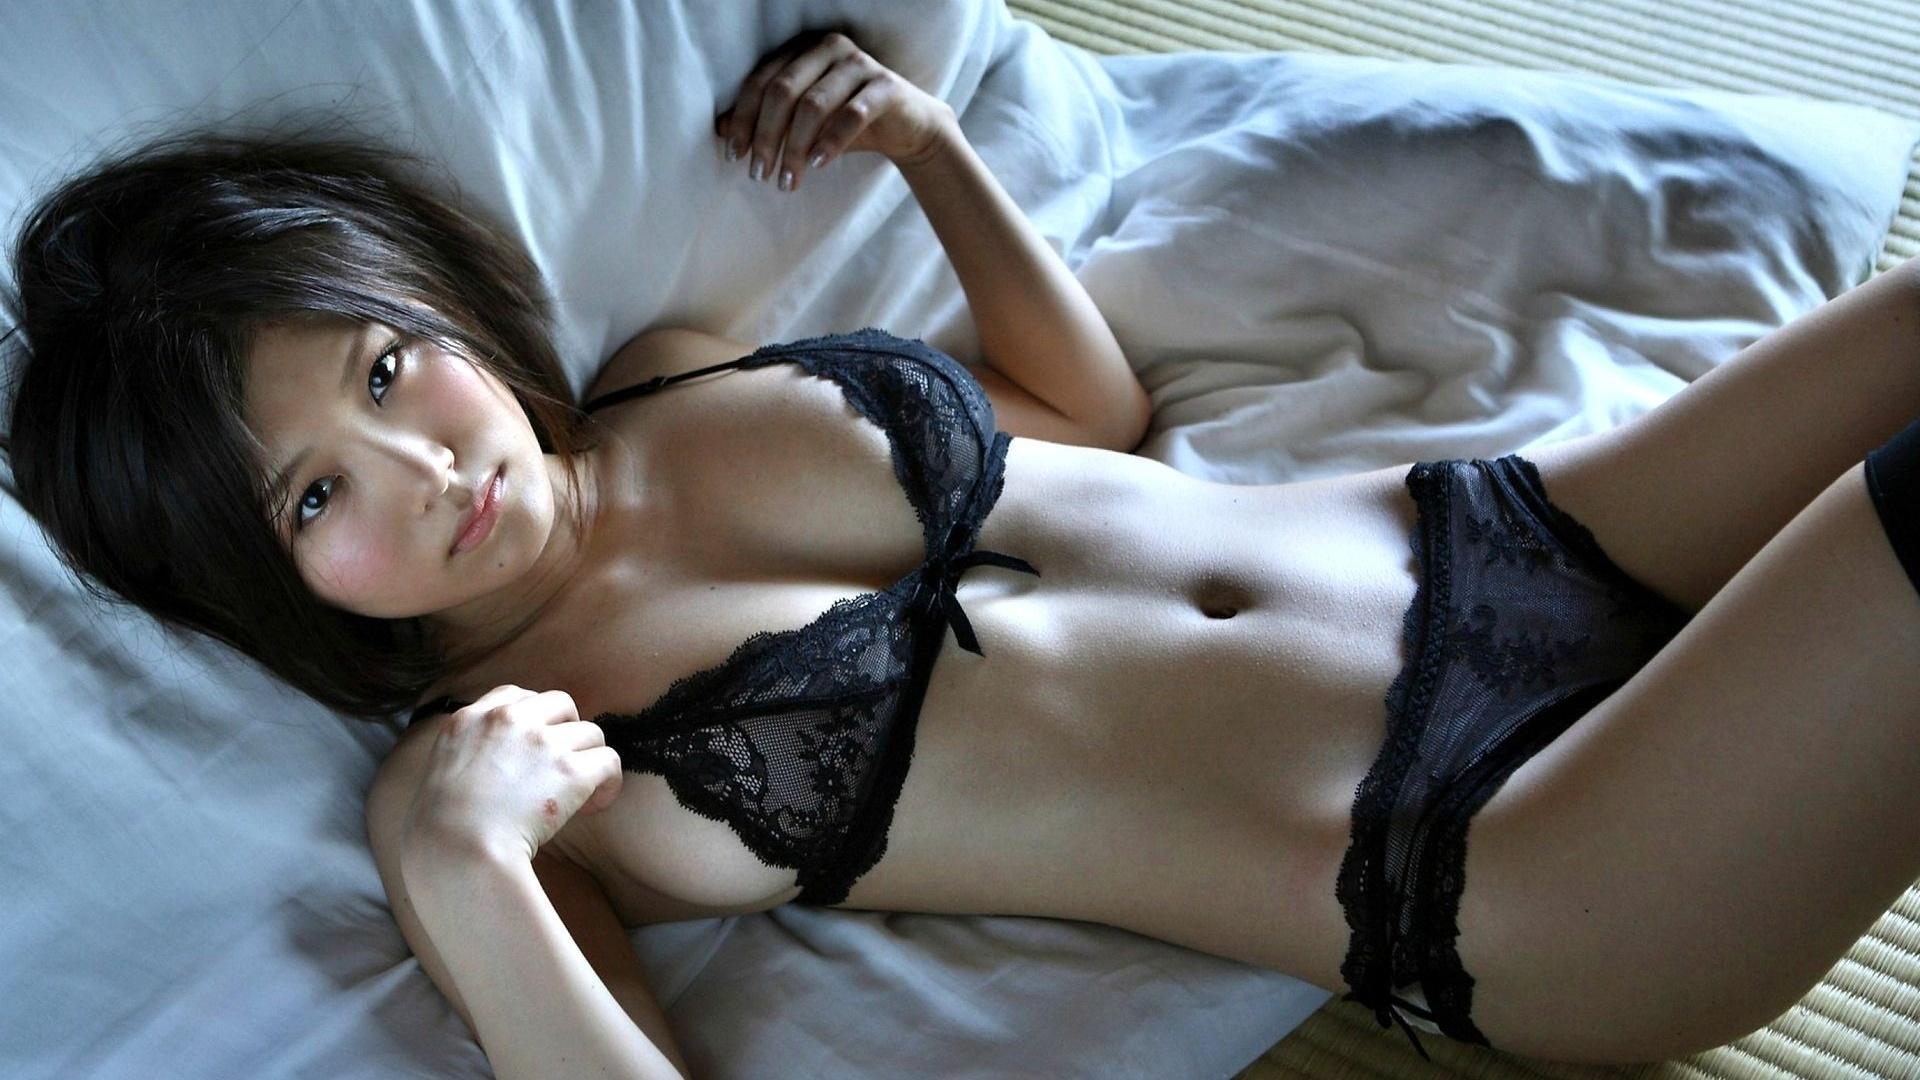 это фото японок в сексуальном белье показалось